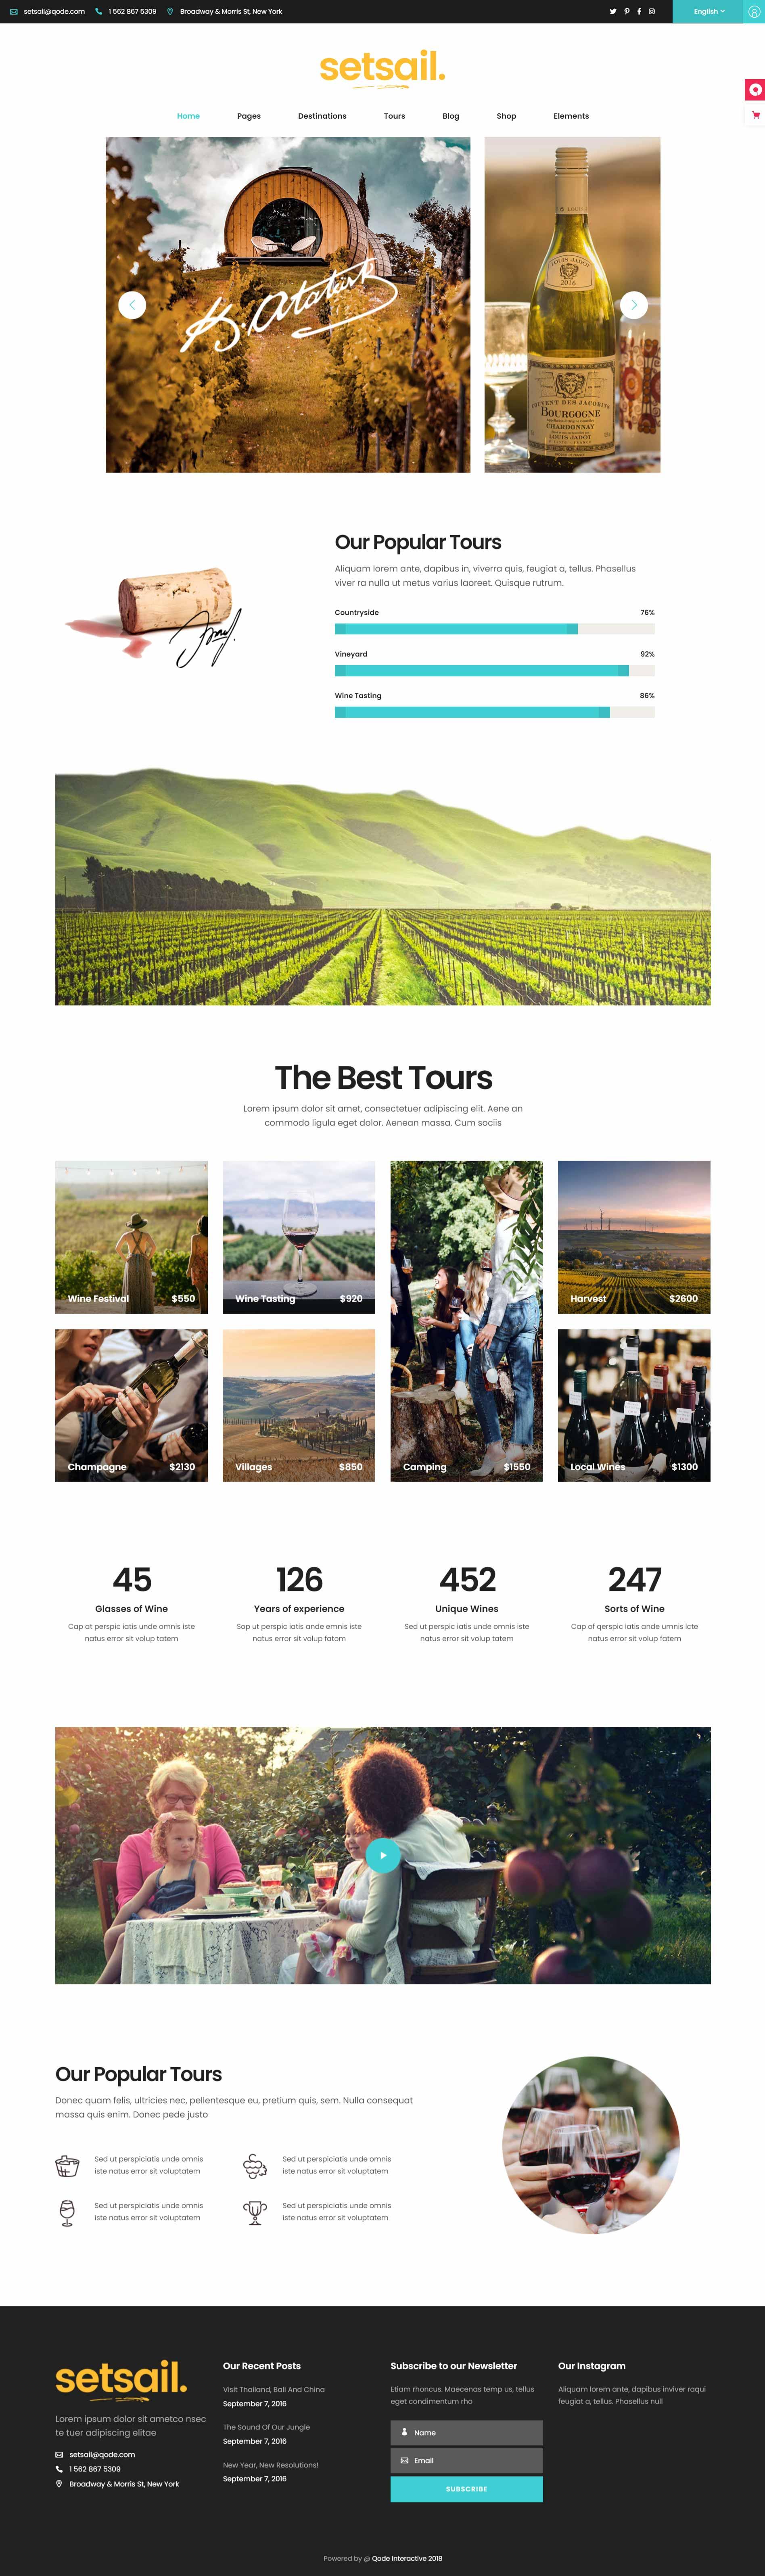 разработка и создание сайта для туристического агентства